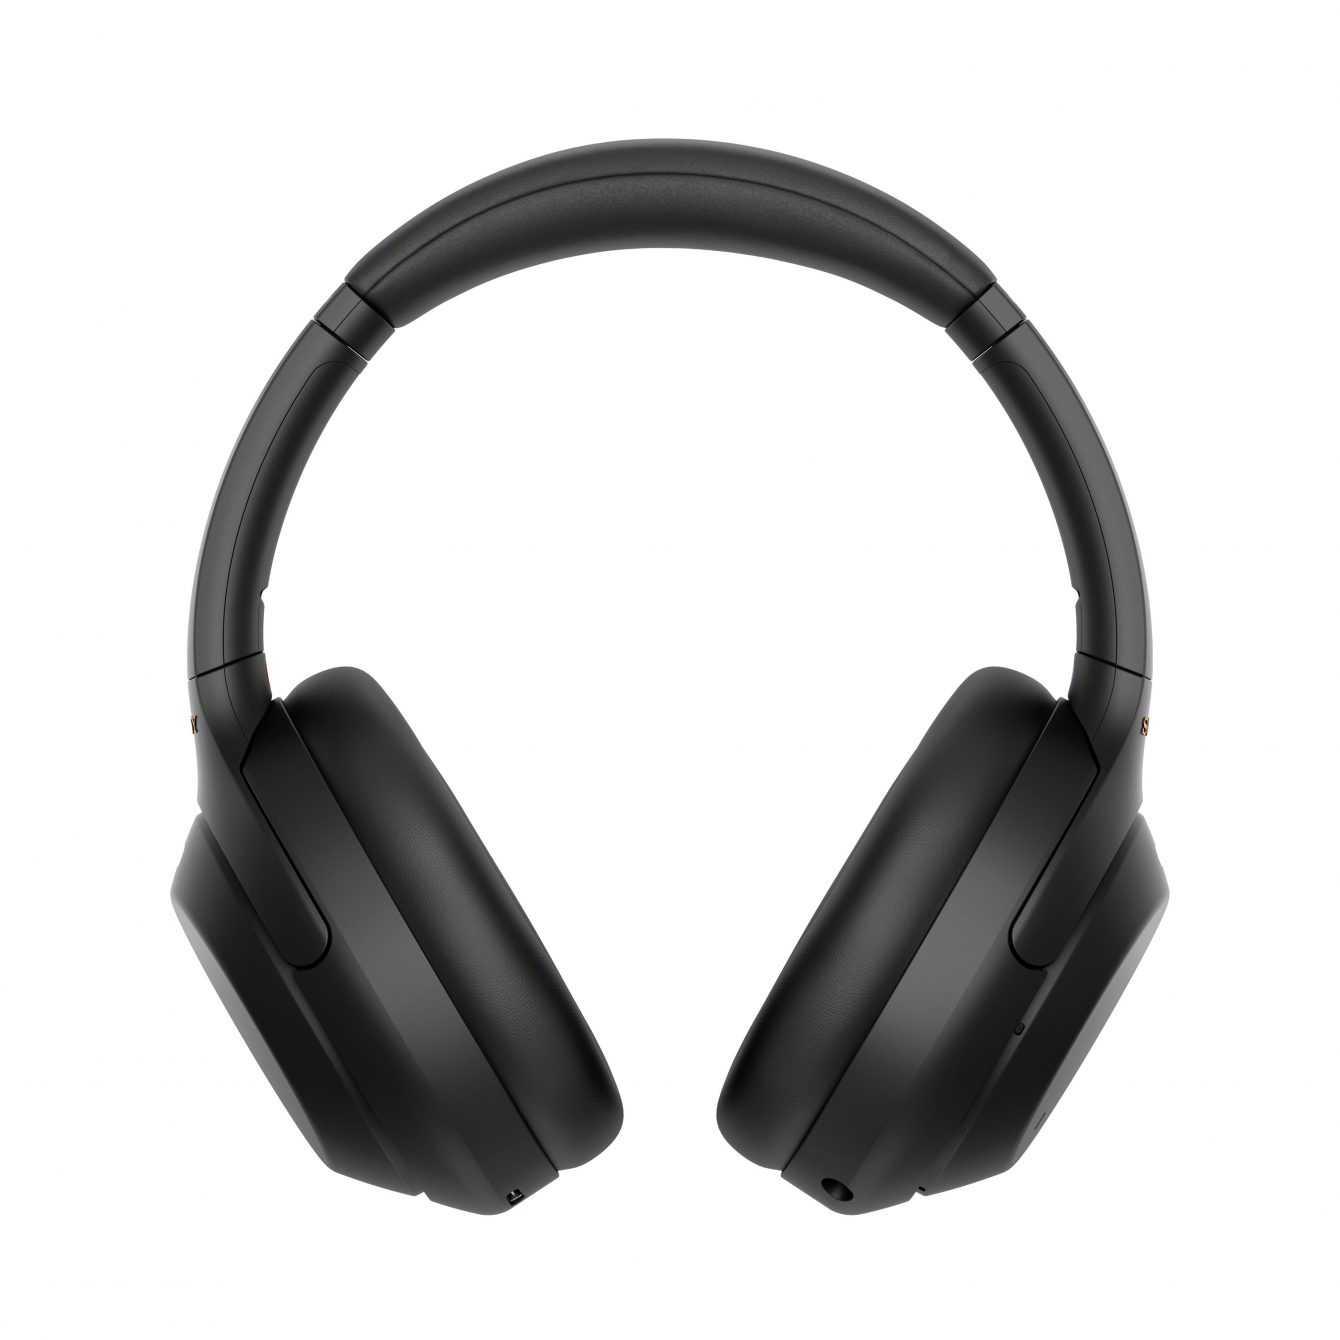 Le cuffie Sony WH-1000XM4 raggiungono la 4a generazione